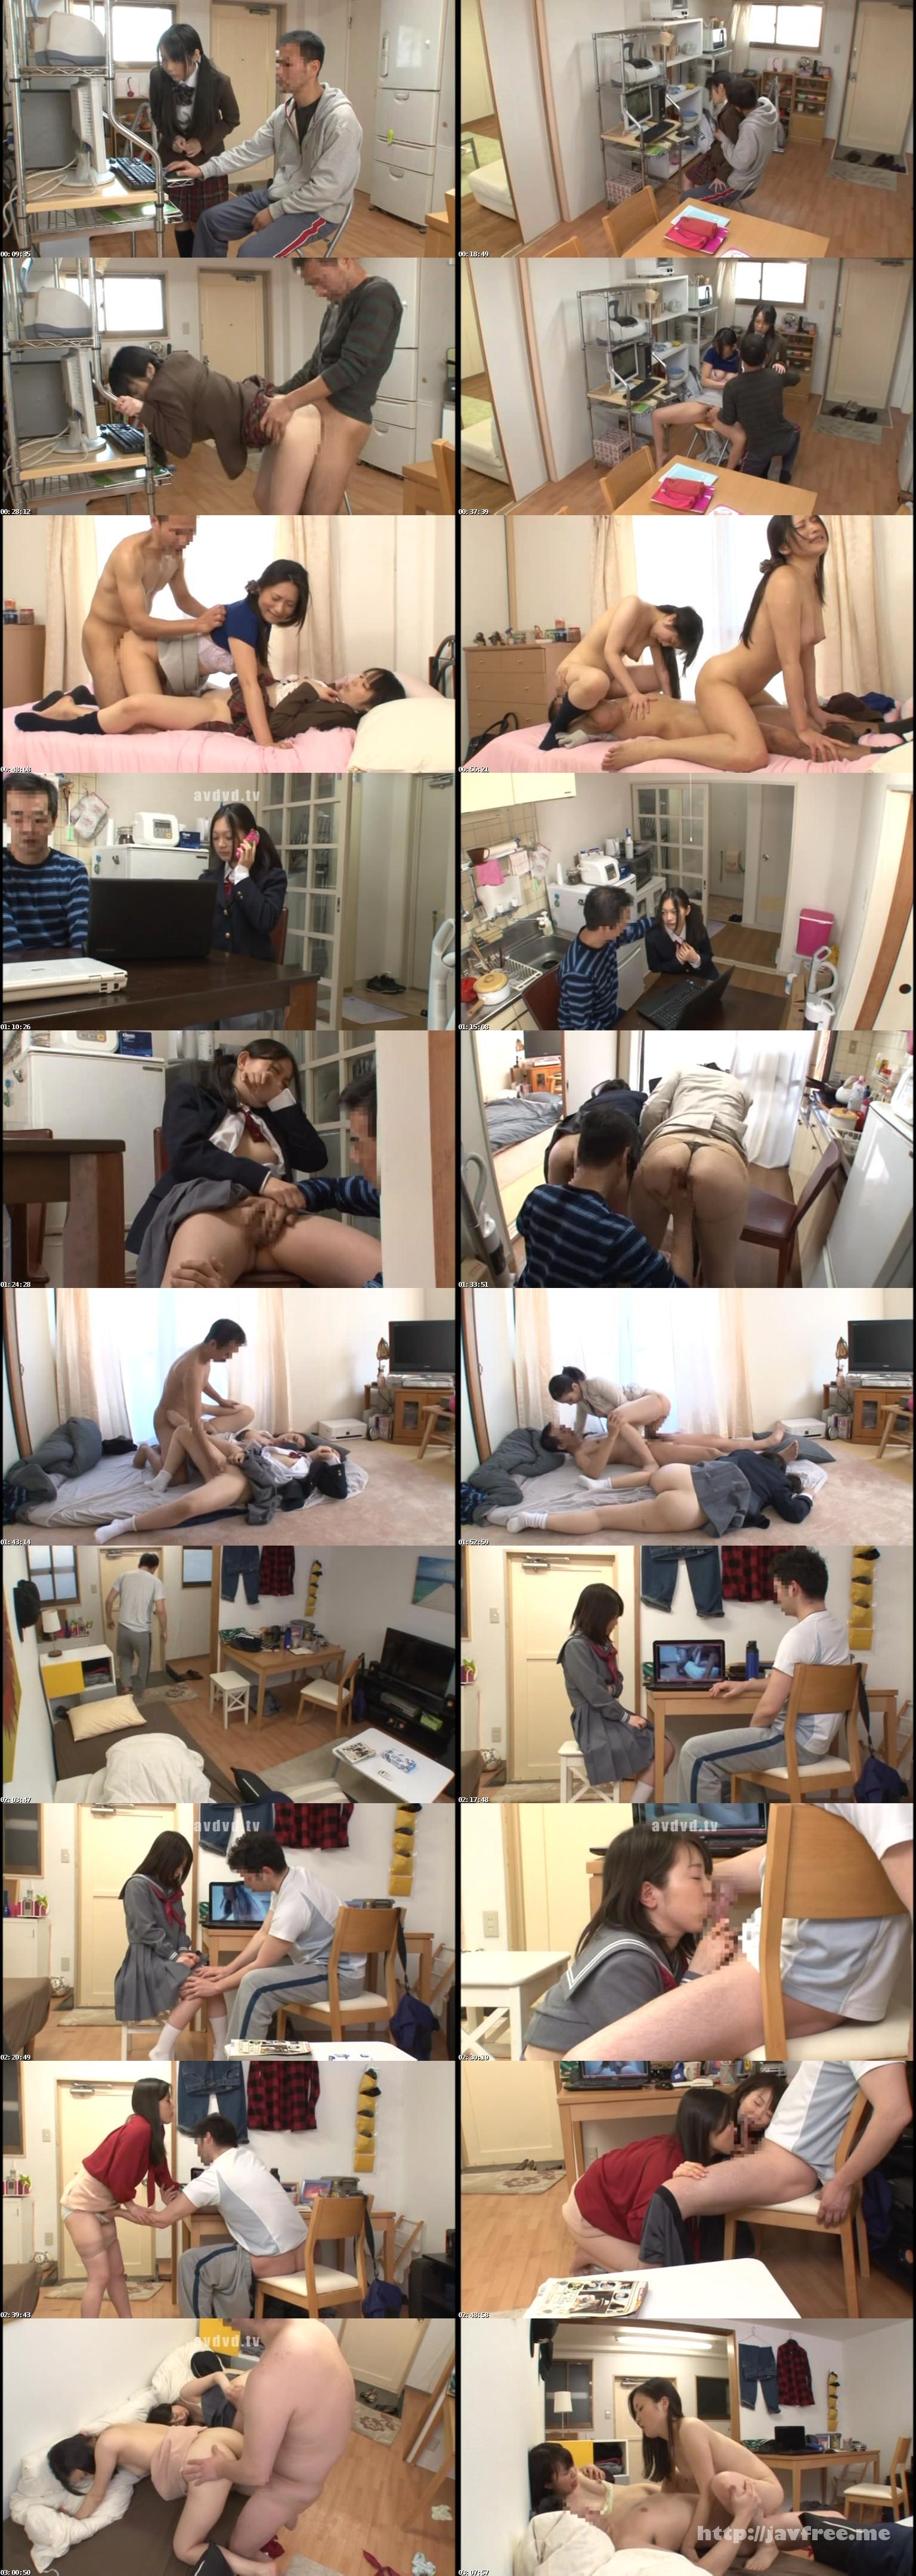 [NHDTA-537] パソコンに入っていた自分の母親のハメ撮り動画で興奮した隣の家の娘と恥ずかしい姿を見られ拒めなくなった母親を並べて親子丼 - image  on https://javfree.me